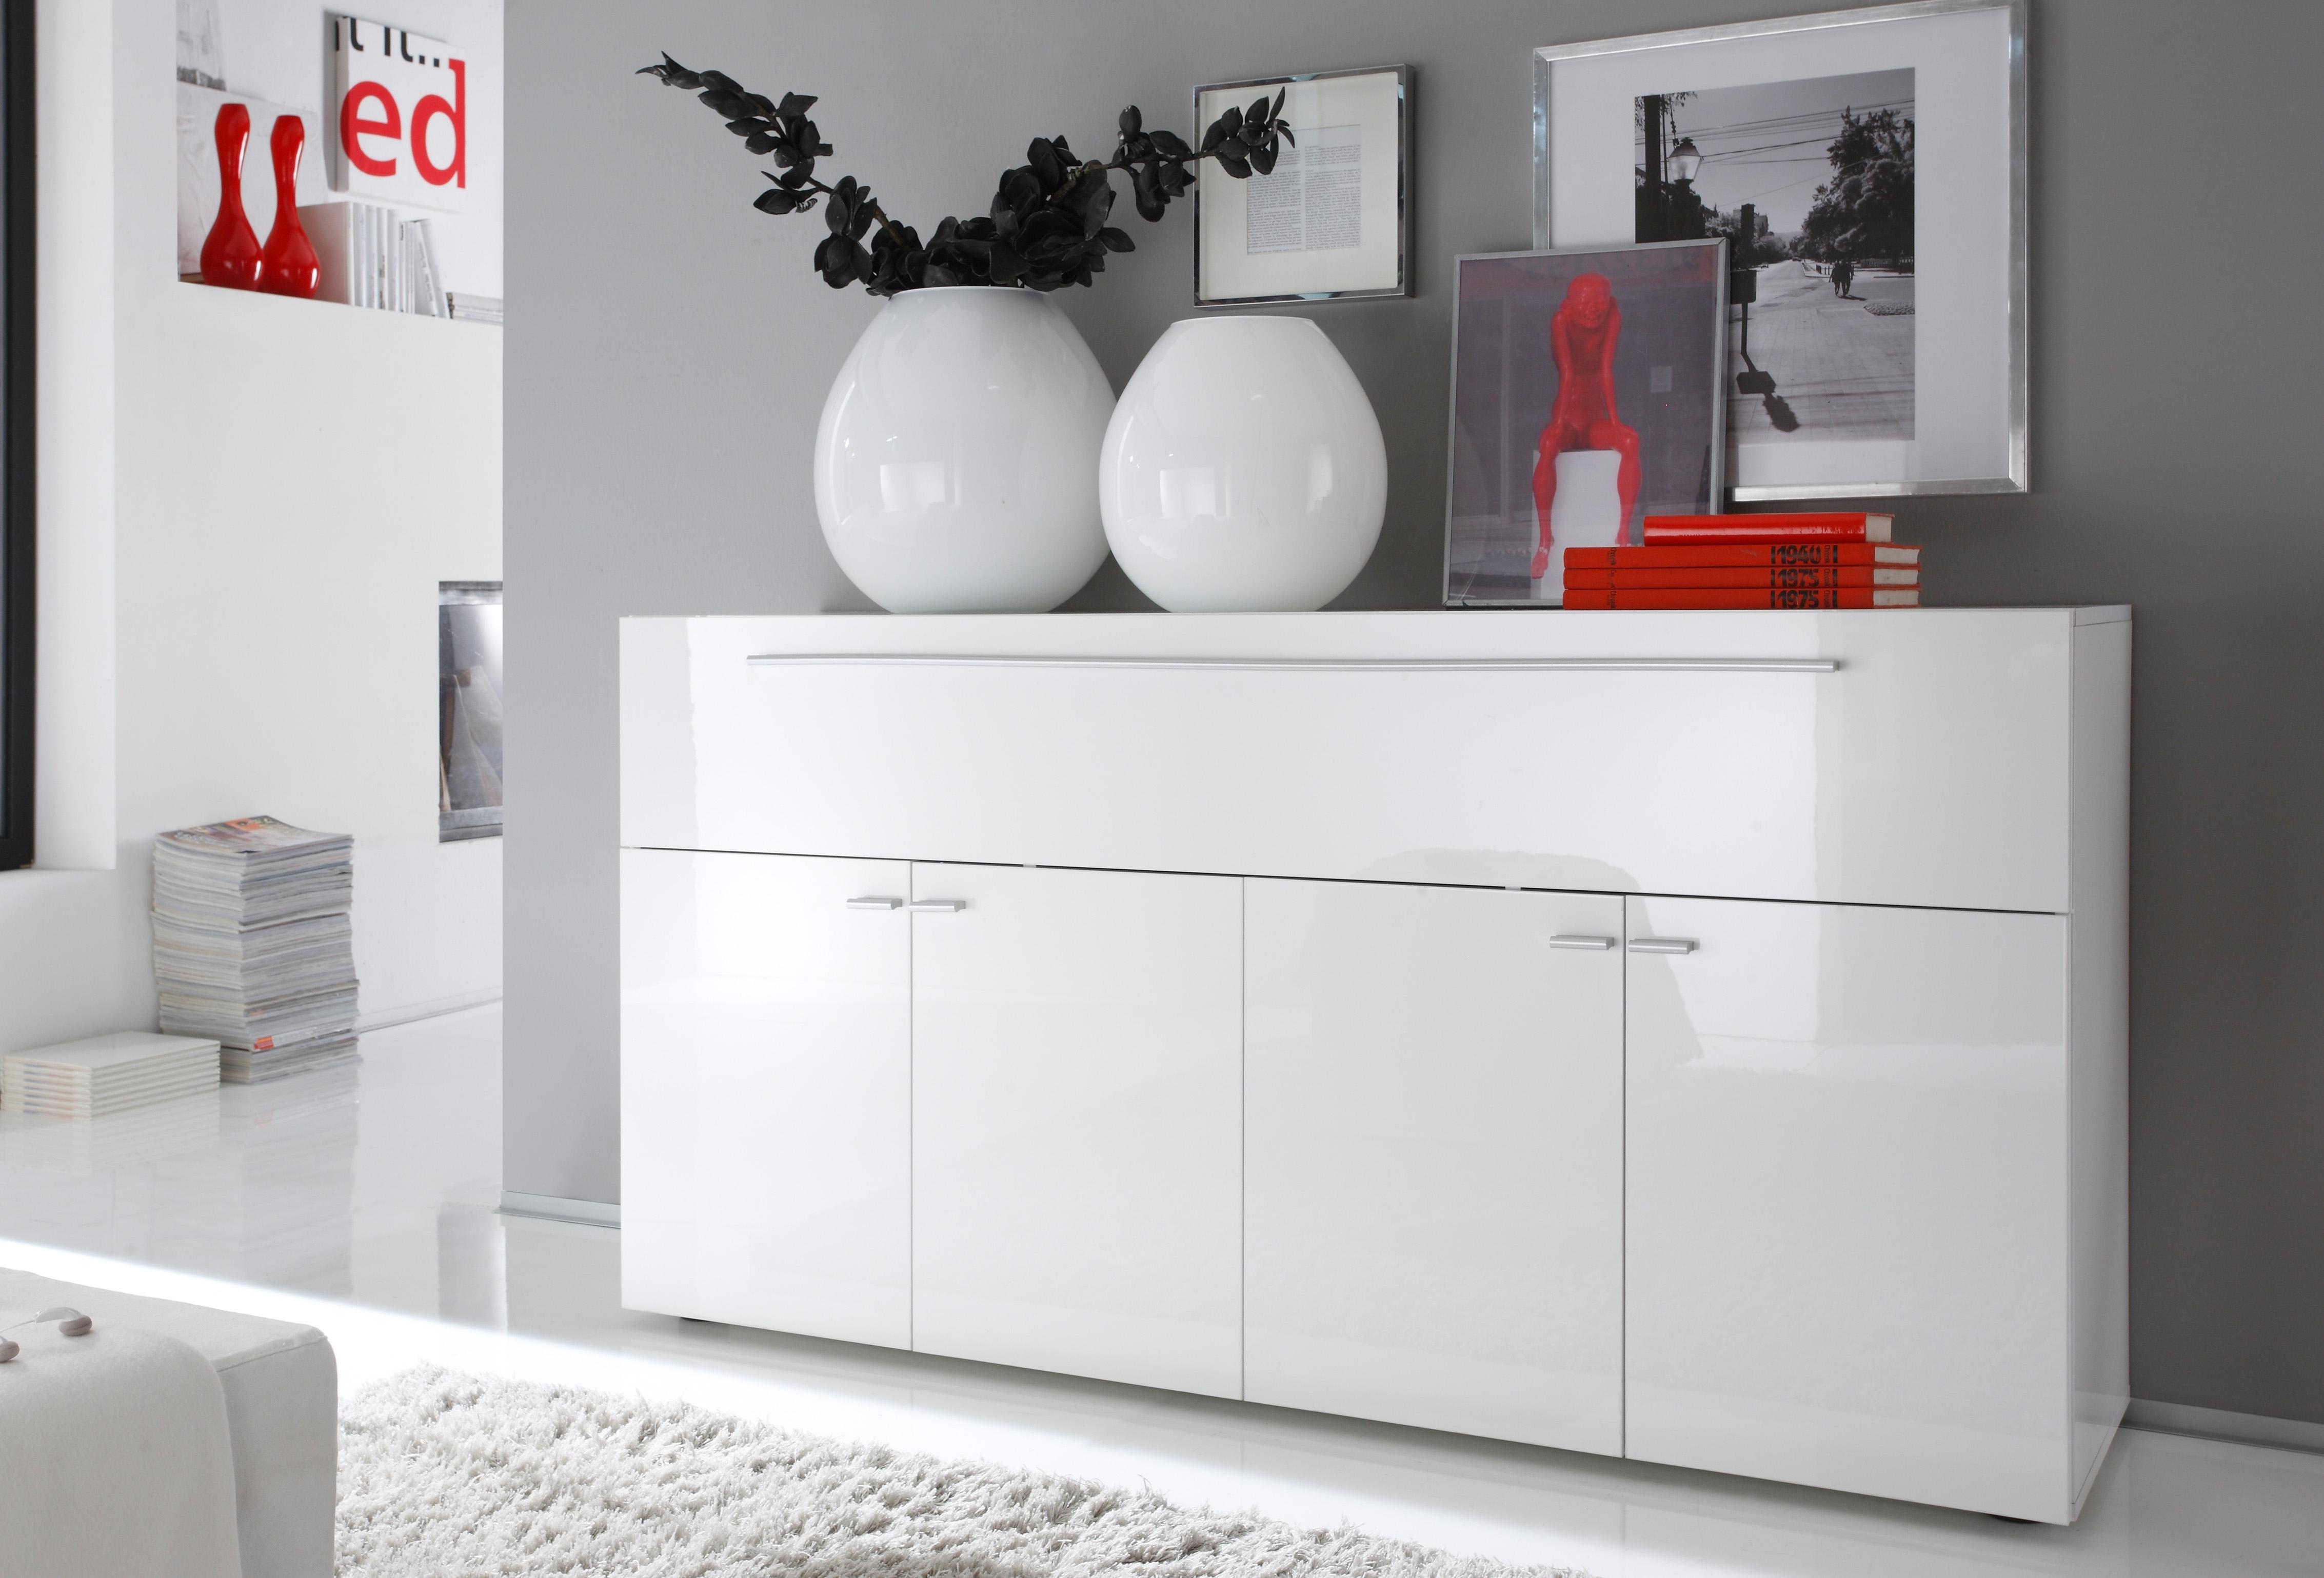 sideboard breedte 160 cm snel gevonden otto. Black Bedroom Furniture Sets. Home Design Ideas